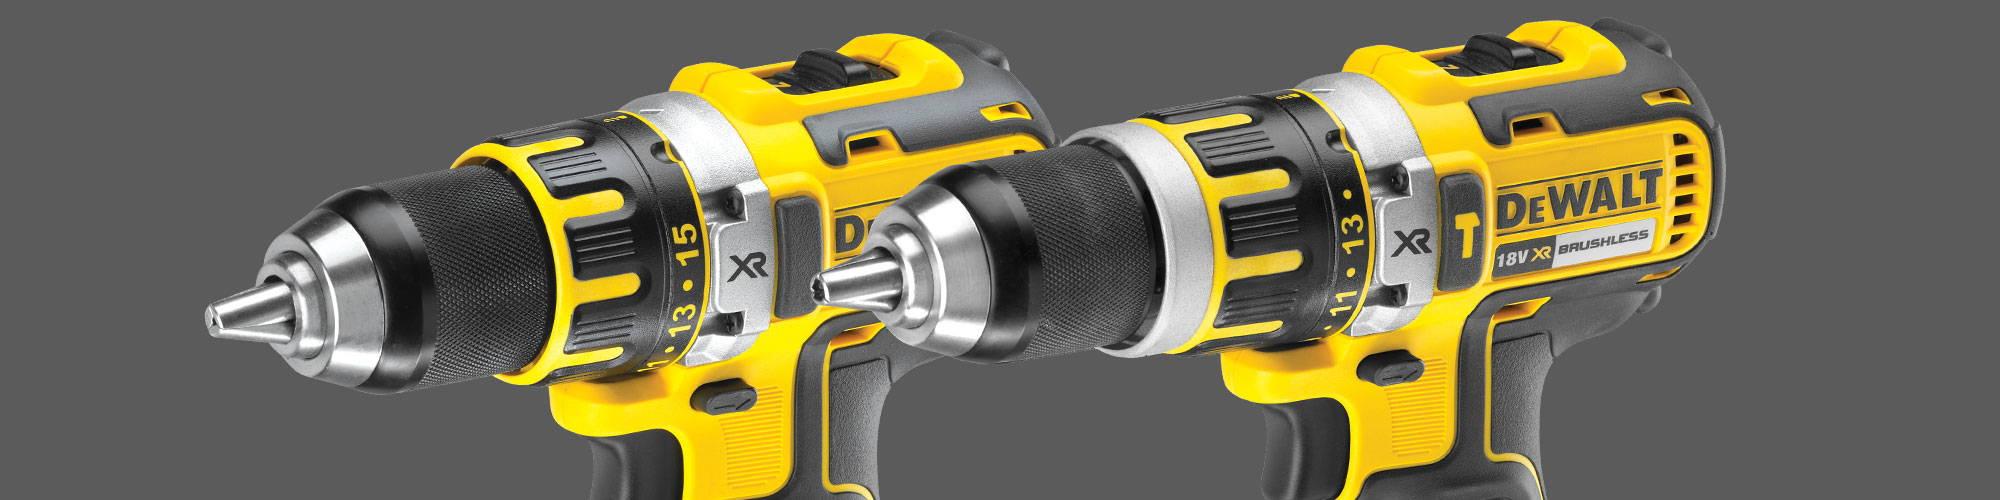 Dewalt DCD795 & DCD790 Cordless Drills Comparison & Review